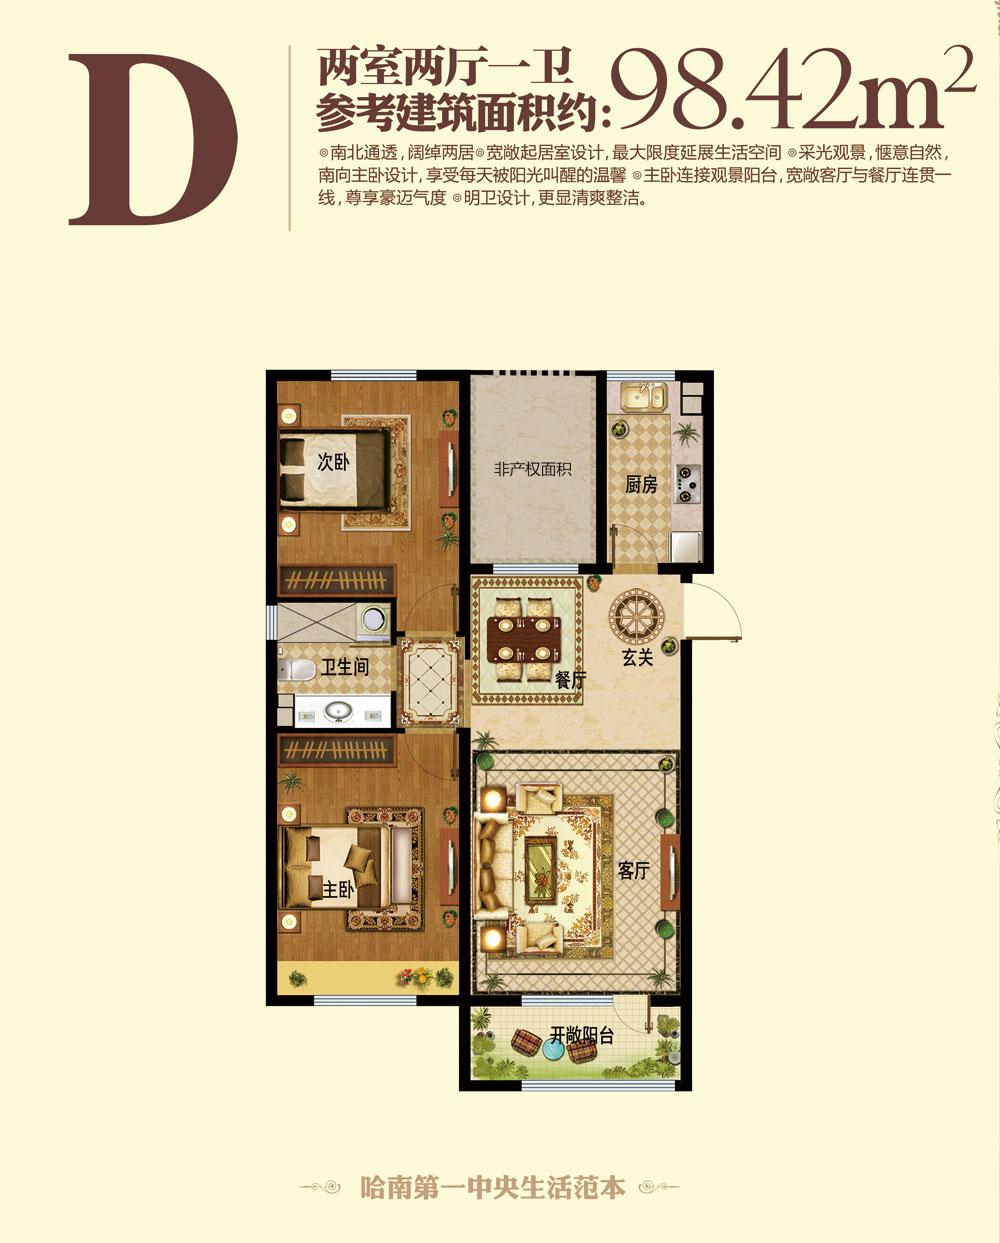 哈南万达广场两室两厅一卫建筑面积98.42平米d户型图